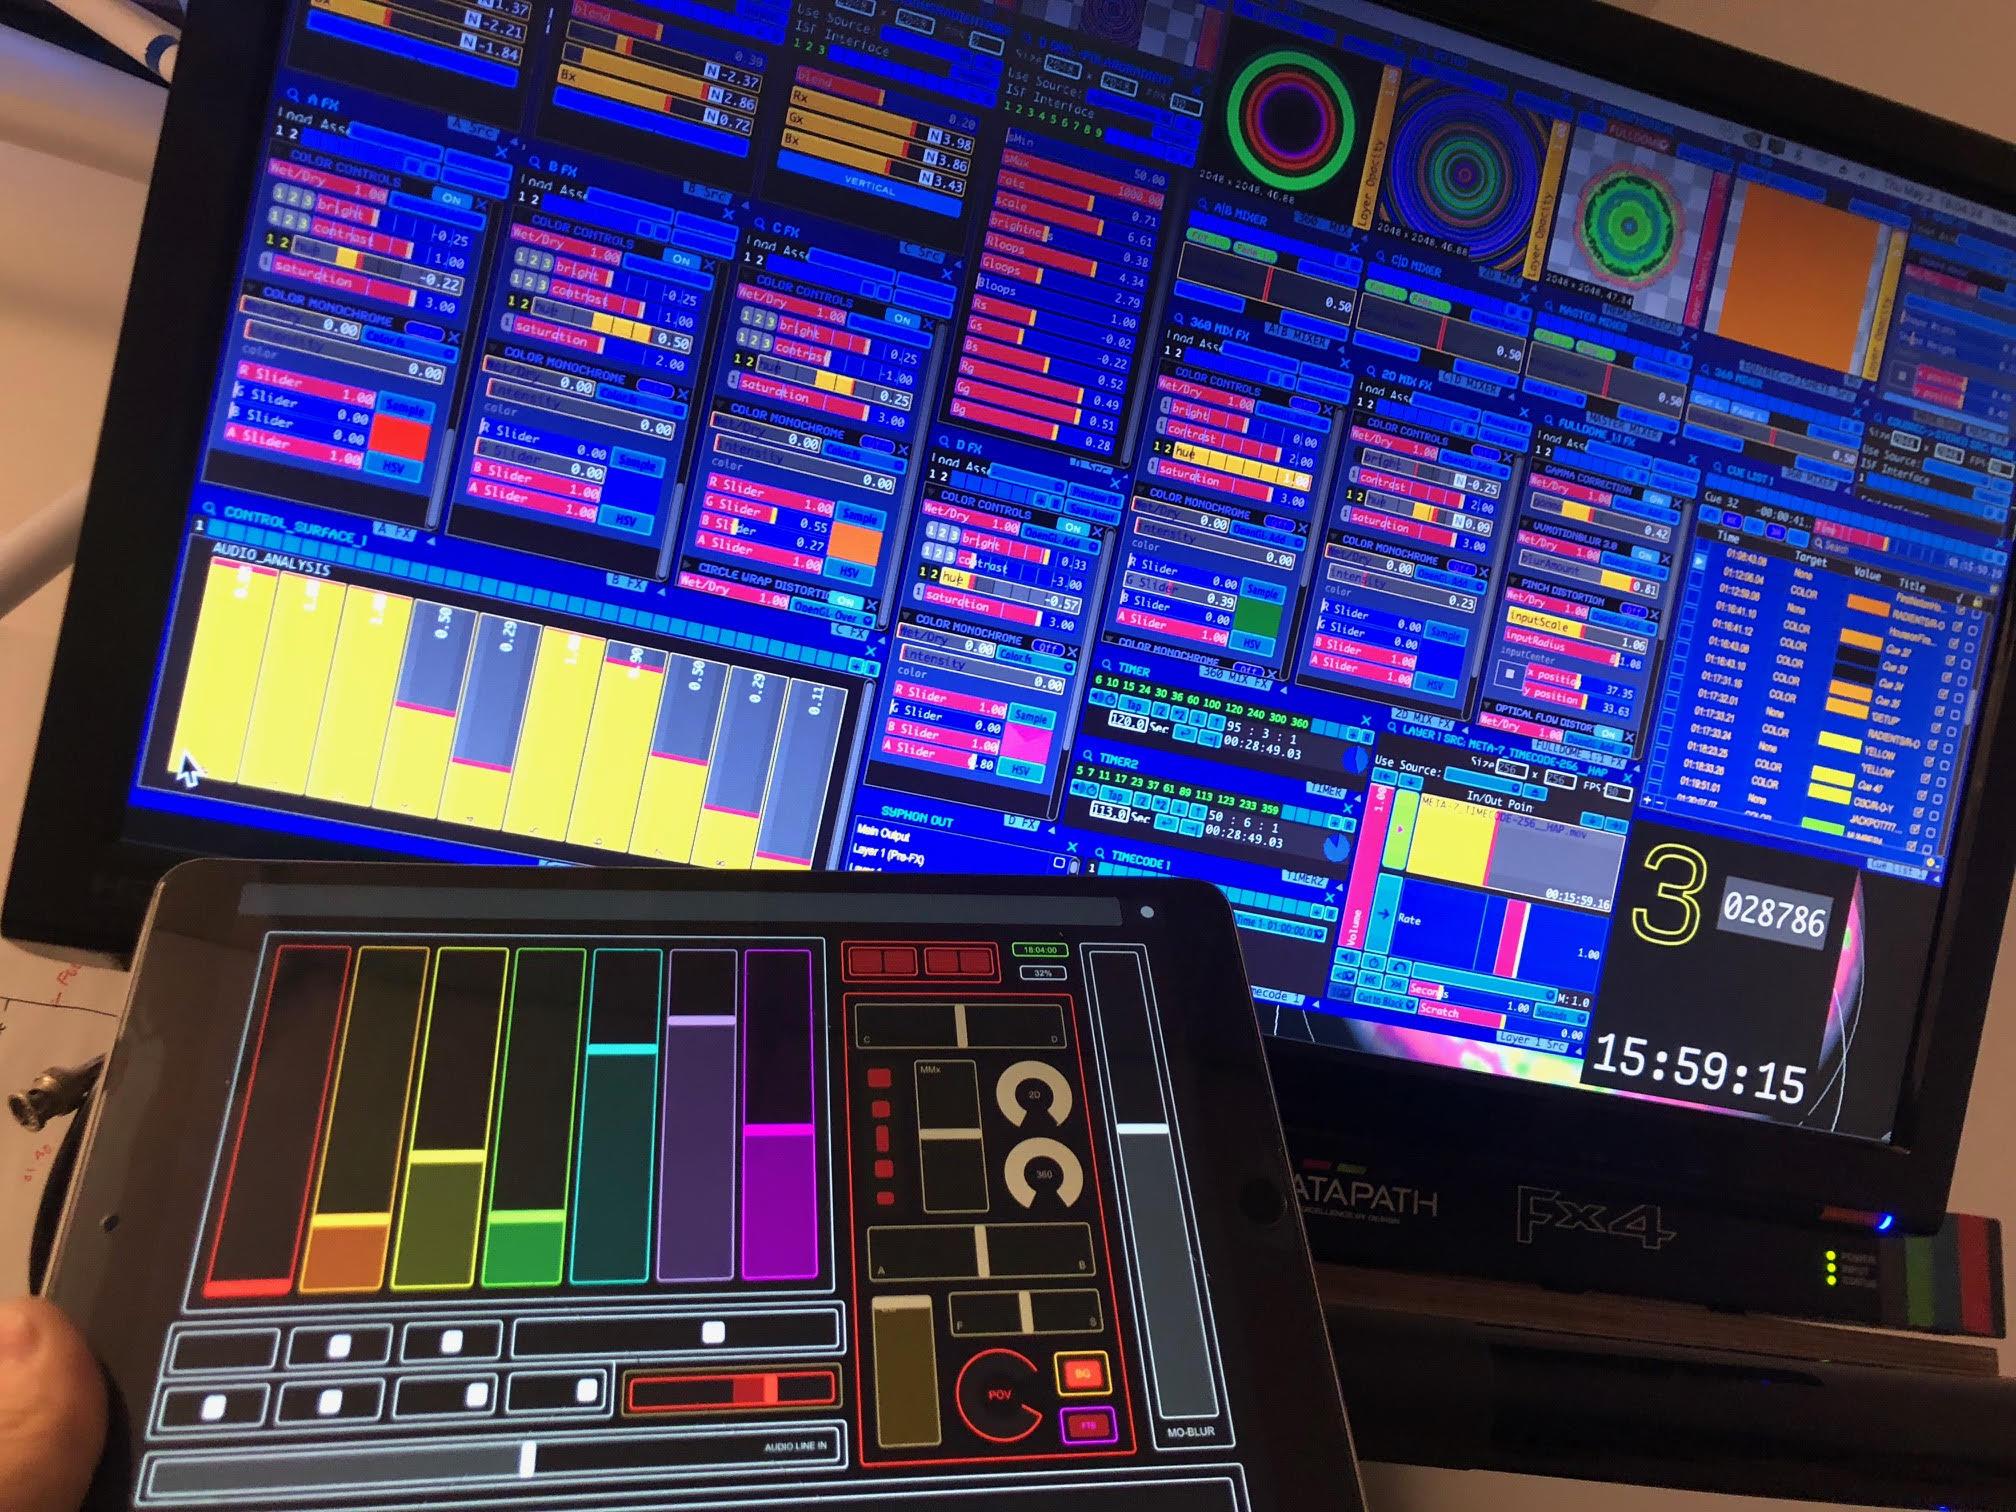 VDMX live mix / dev project, TouchOSC surface